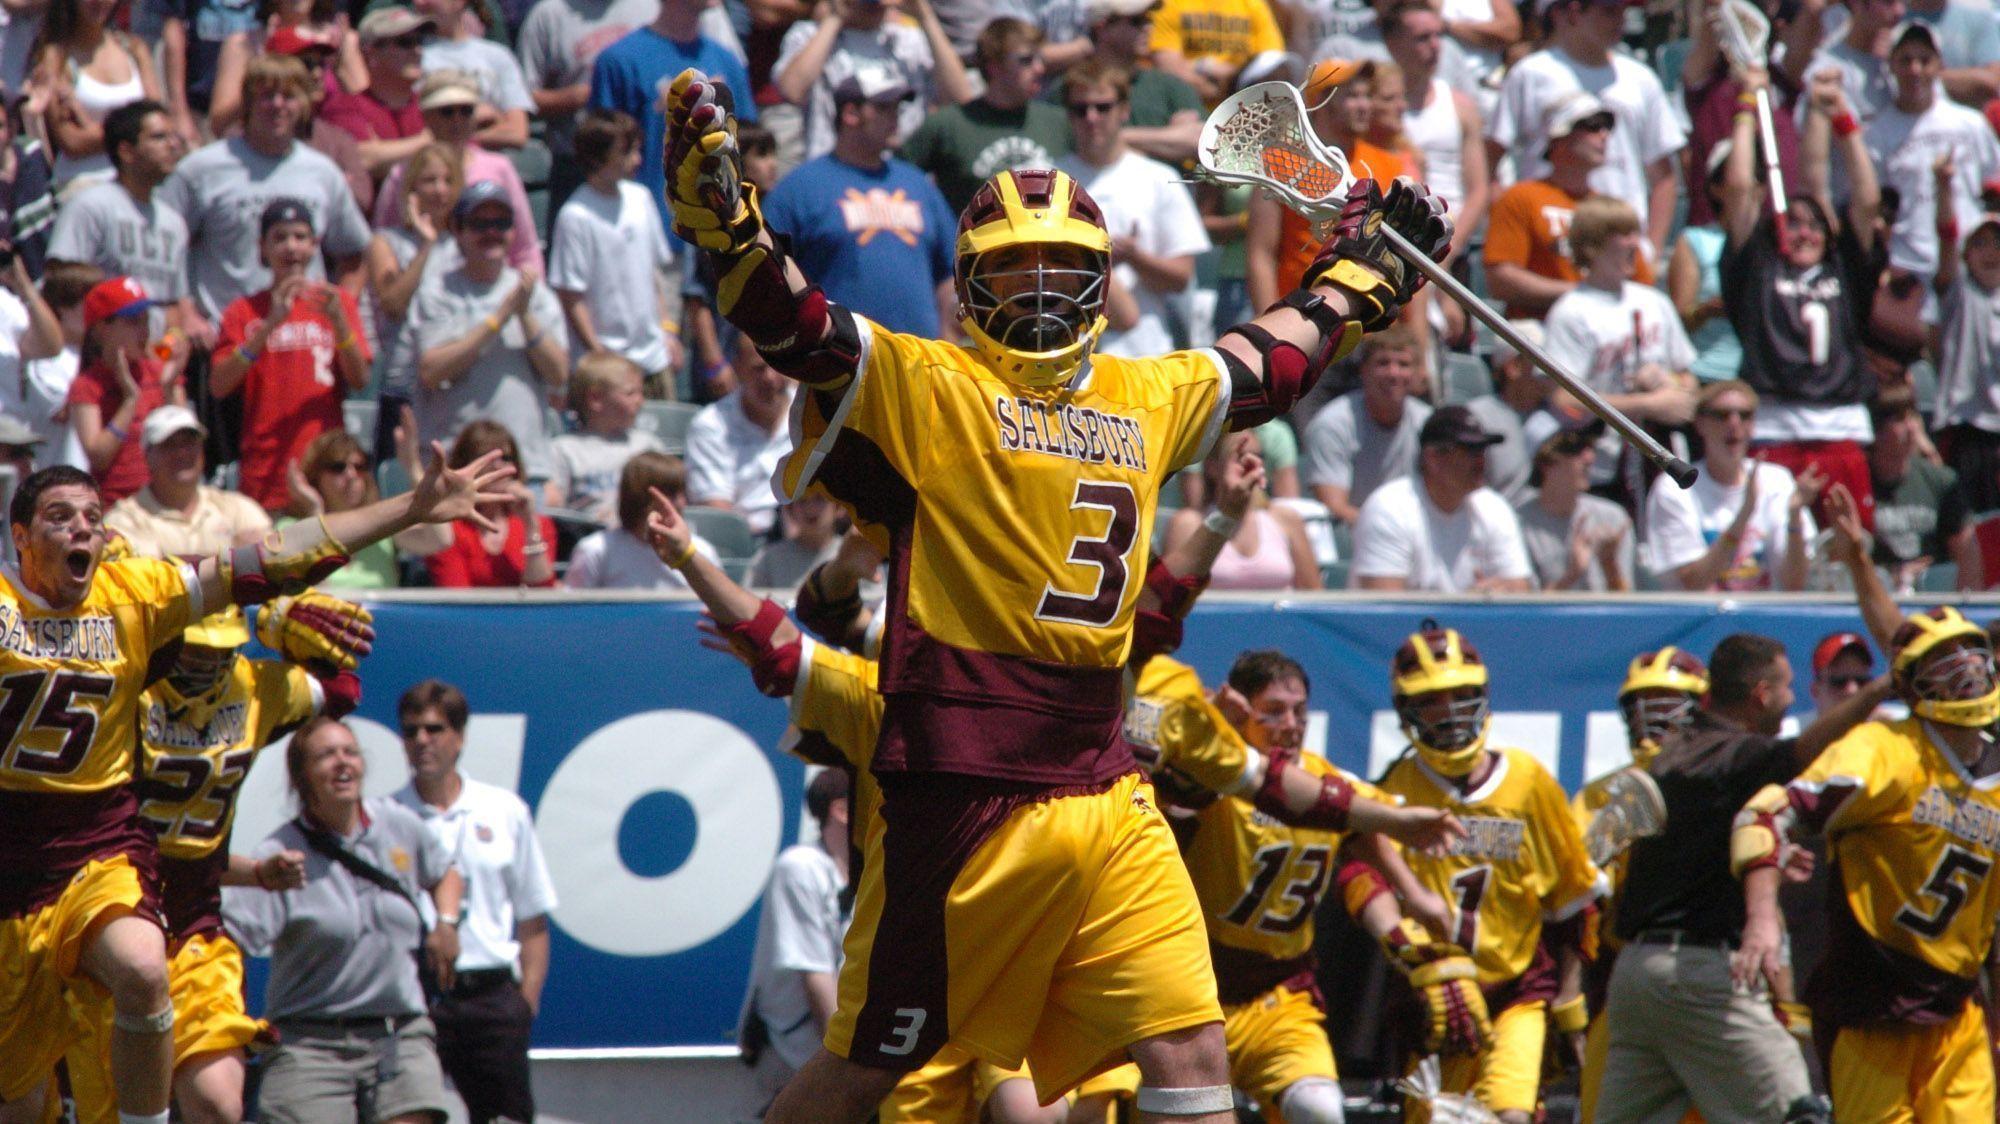 RIT vs. Salisbury men's lacrosse: Three things to watch ...